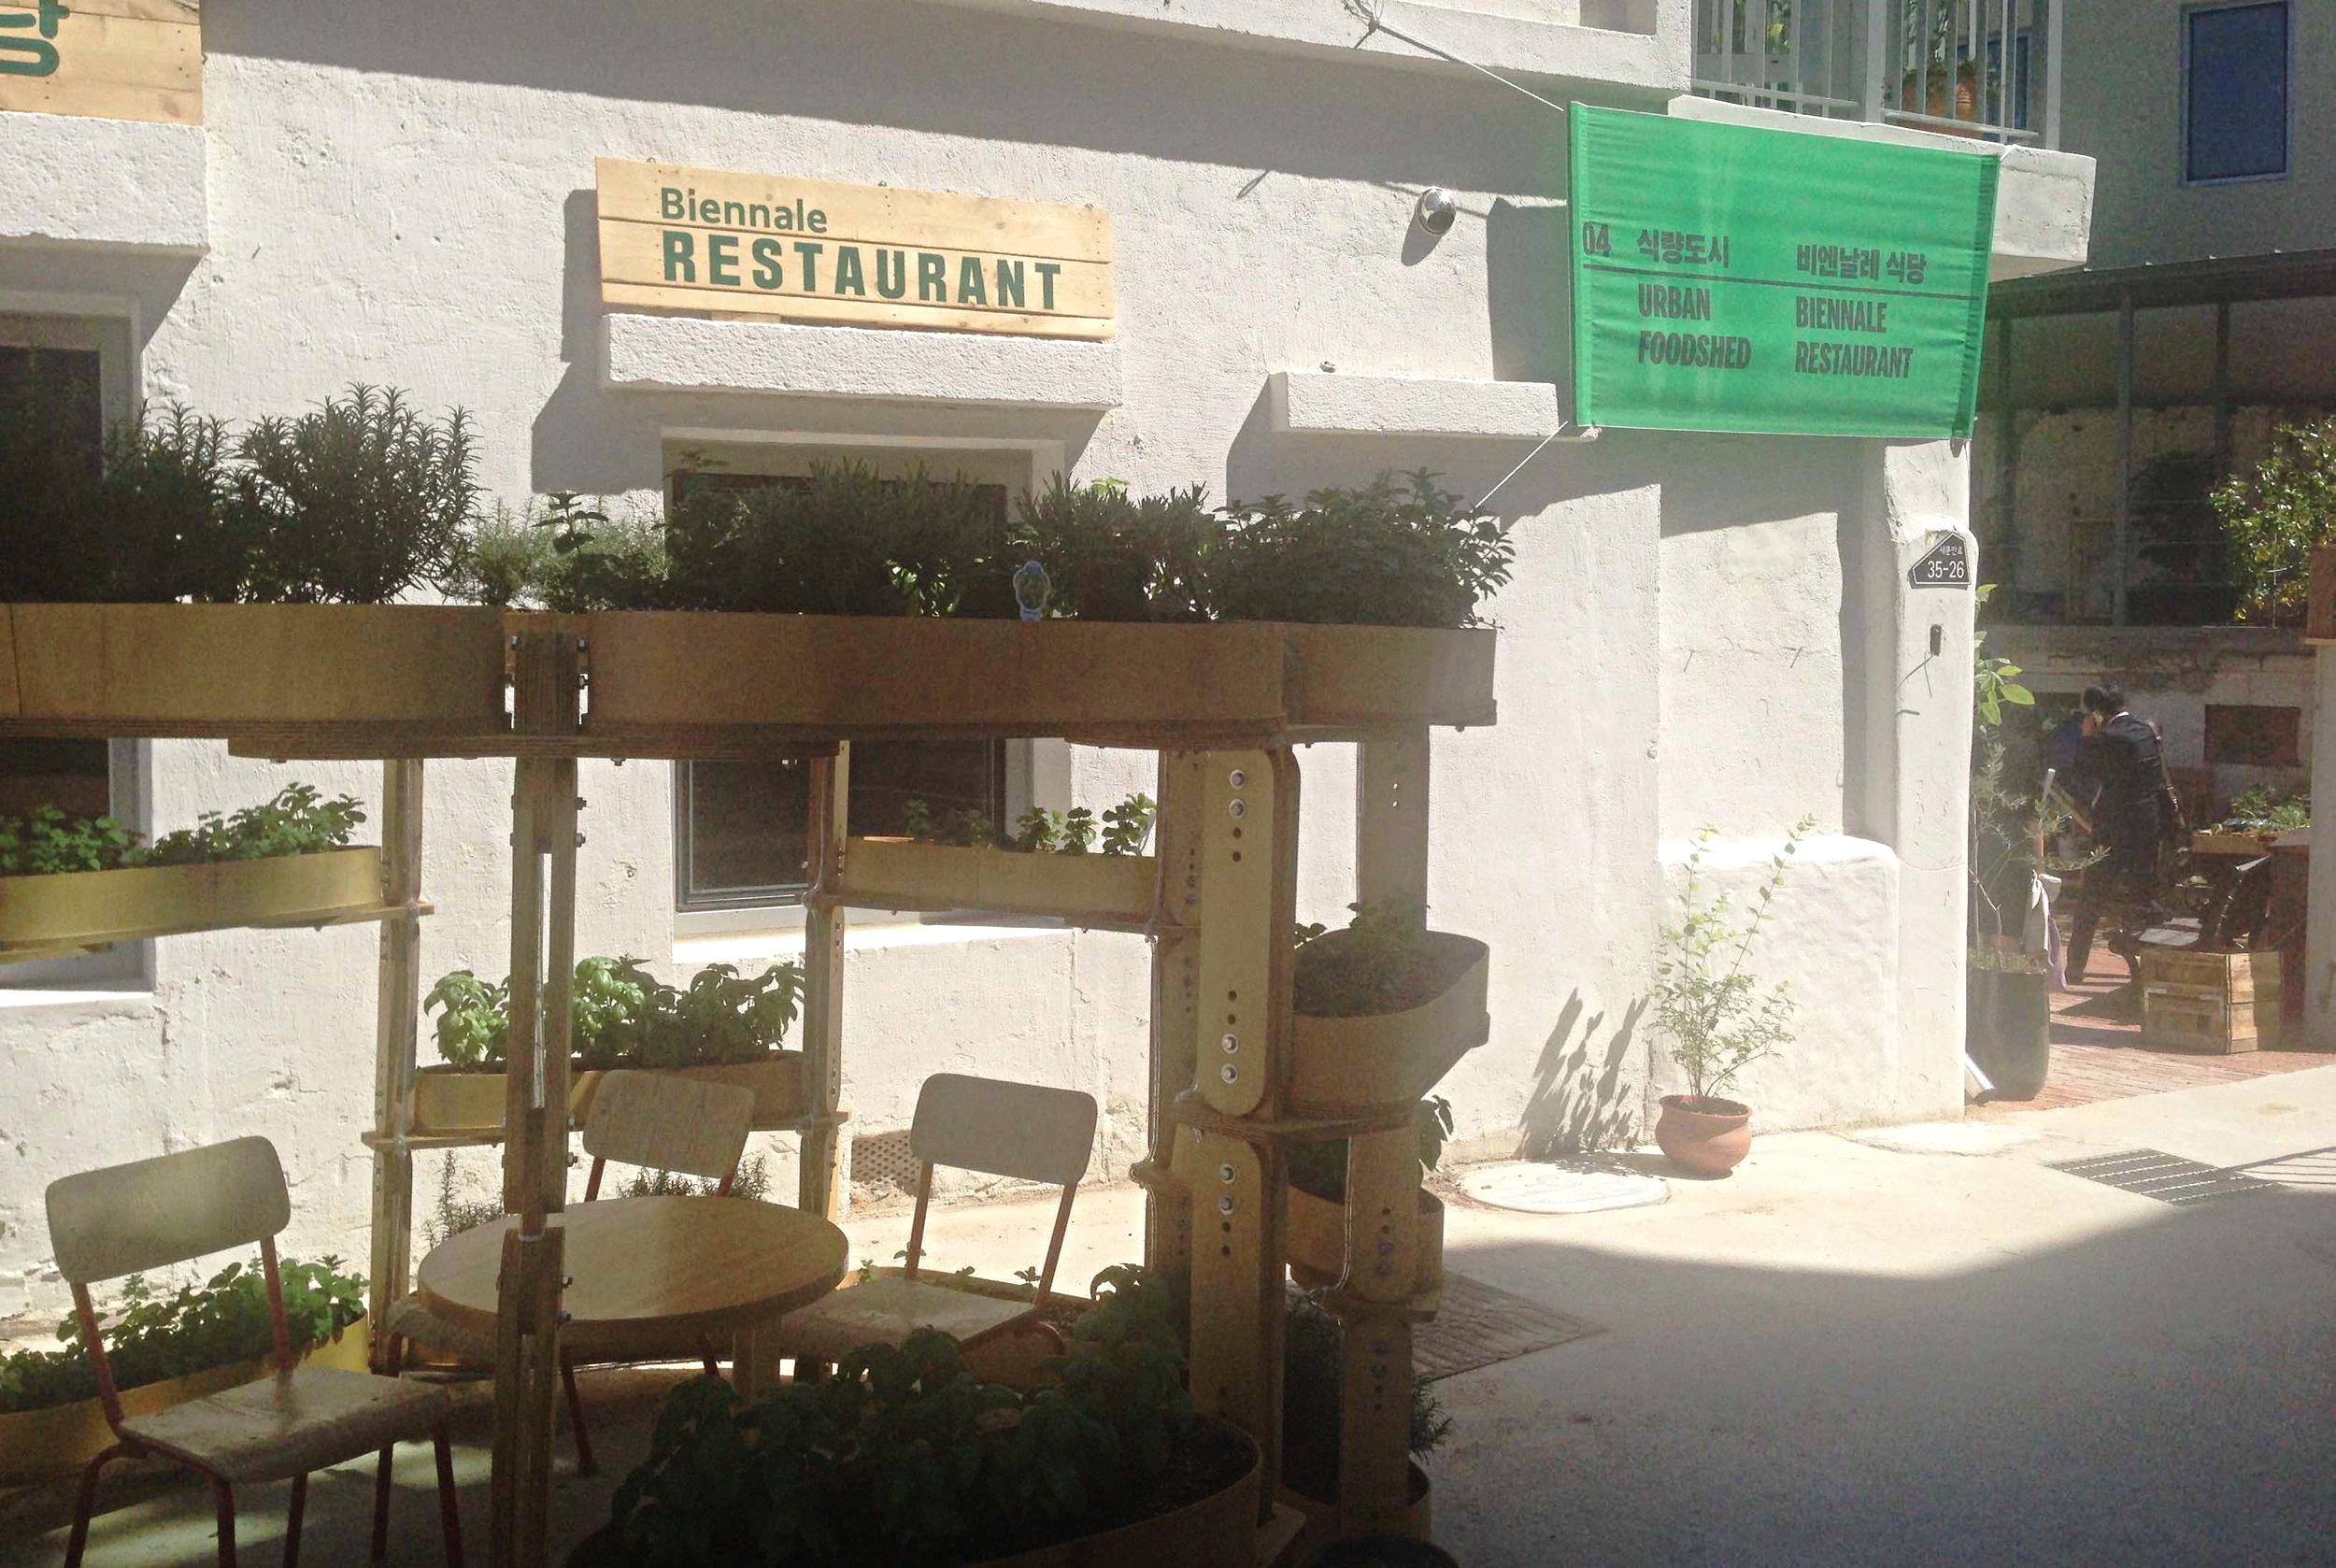 Biennale Restaurant